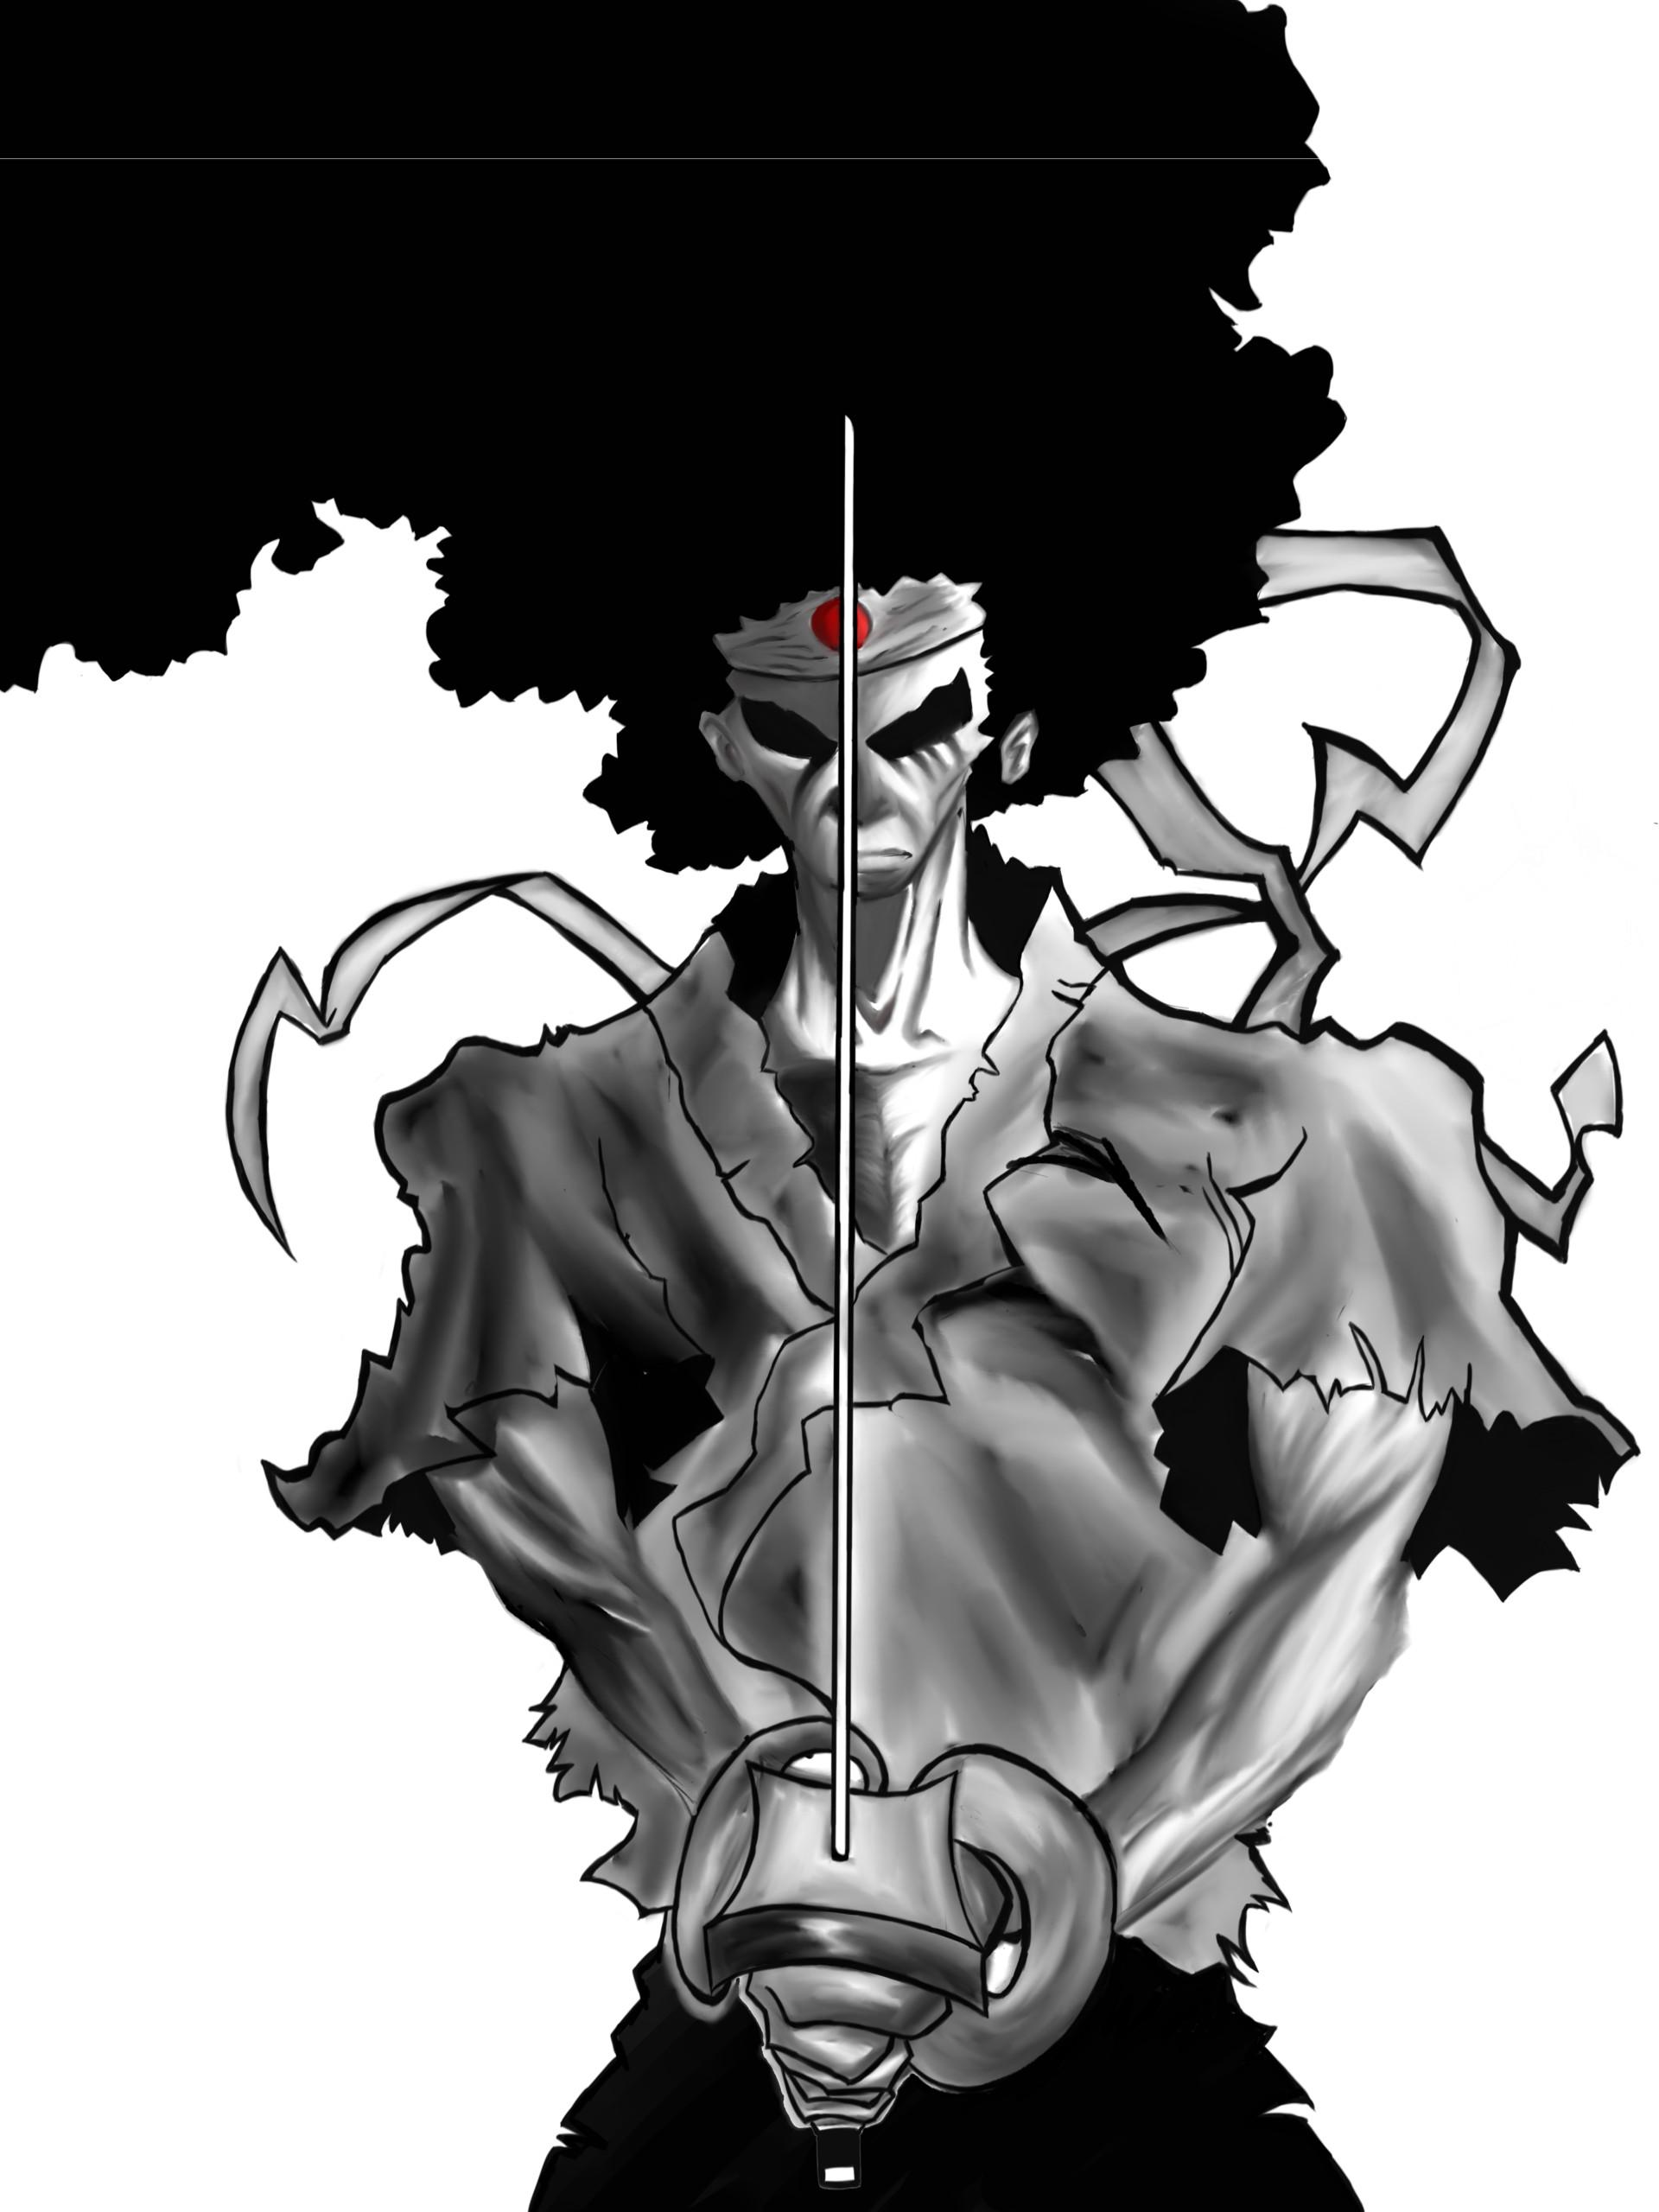 Rouen Do Rego Afro Samurai